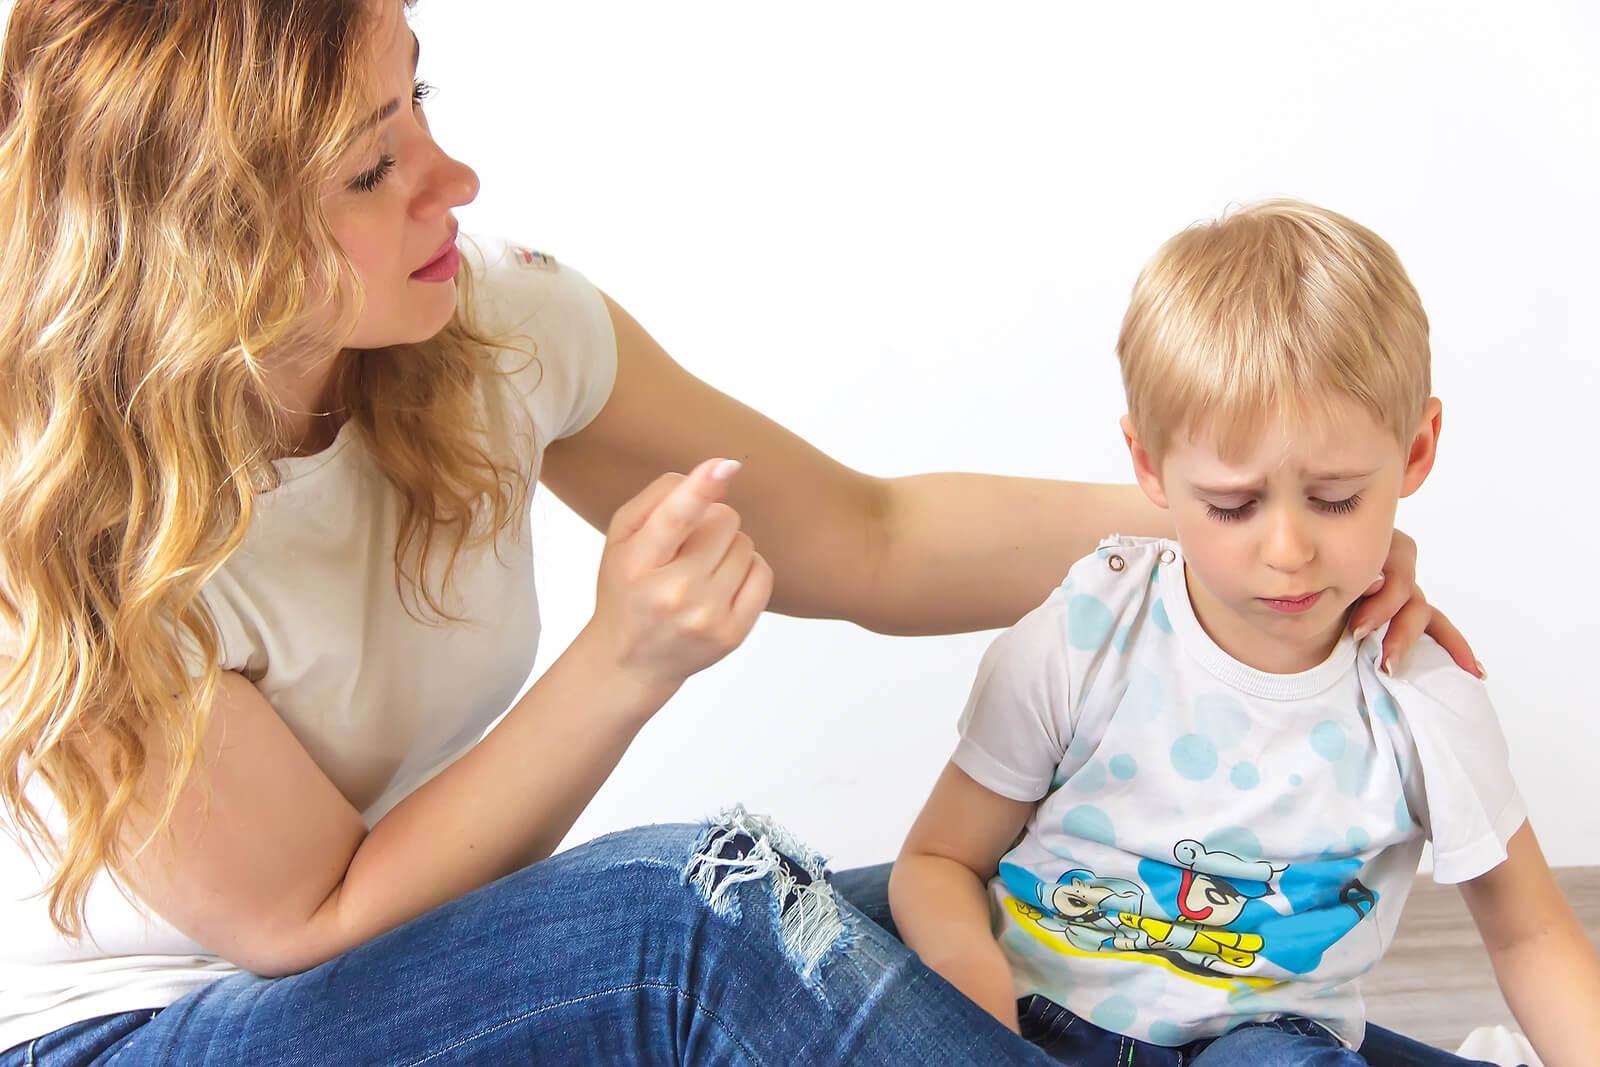 Madre hablando con su hijo porque tiene que repetirle las cosas 5 veces.